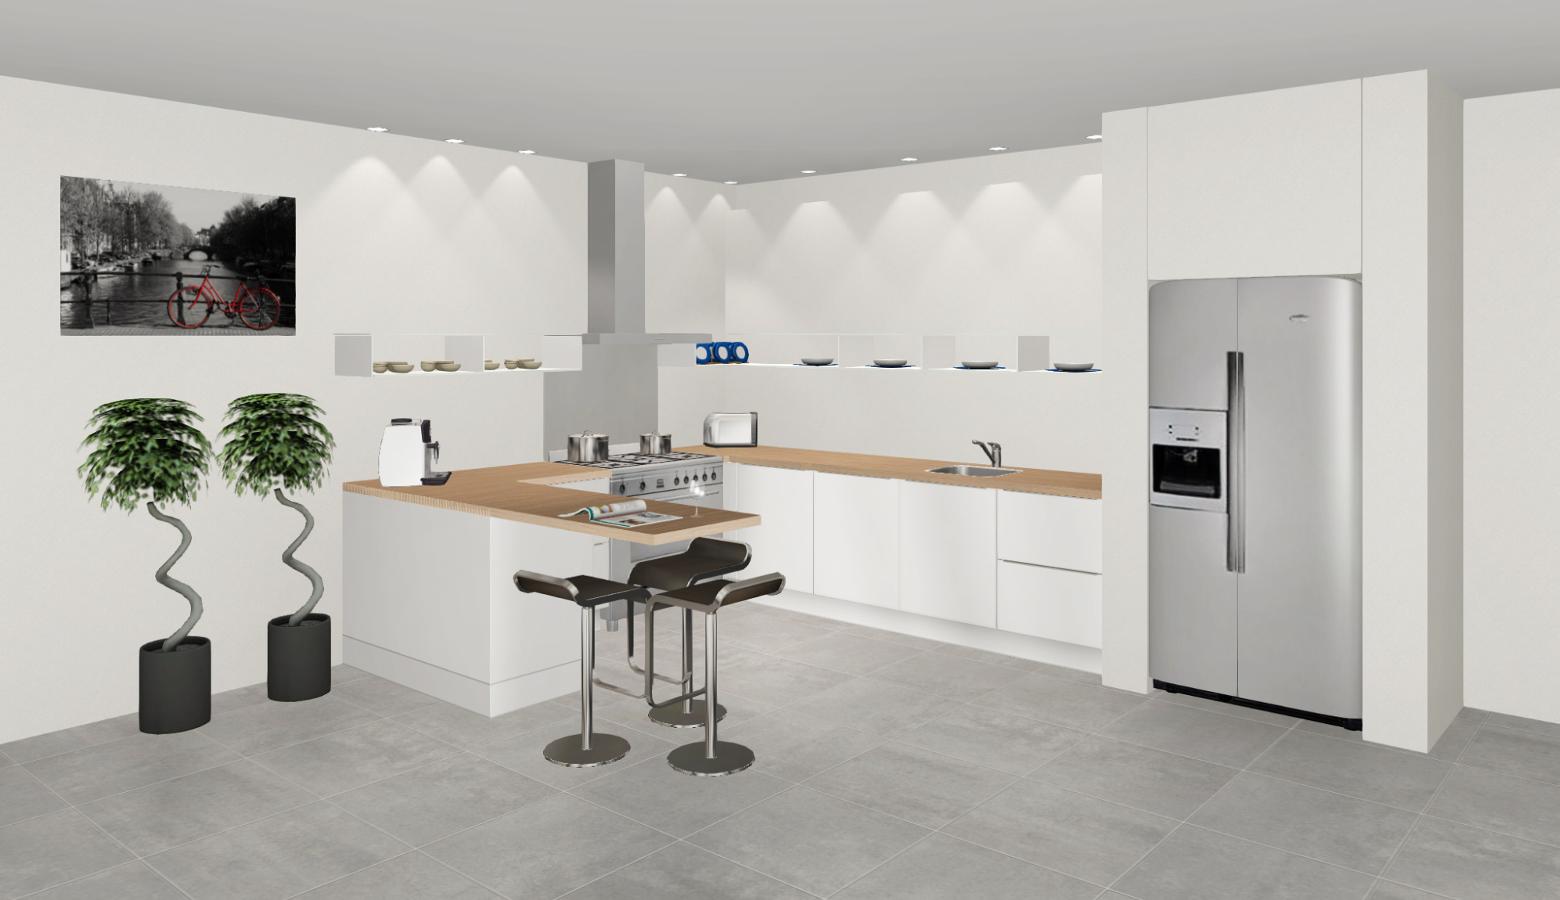 Rechte keuken bensheim steinhaus keuken kampioen - Keuken in i ...